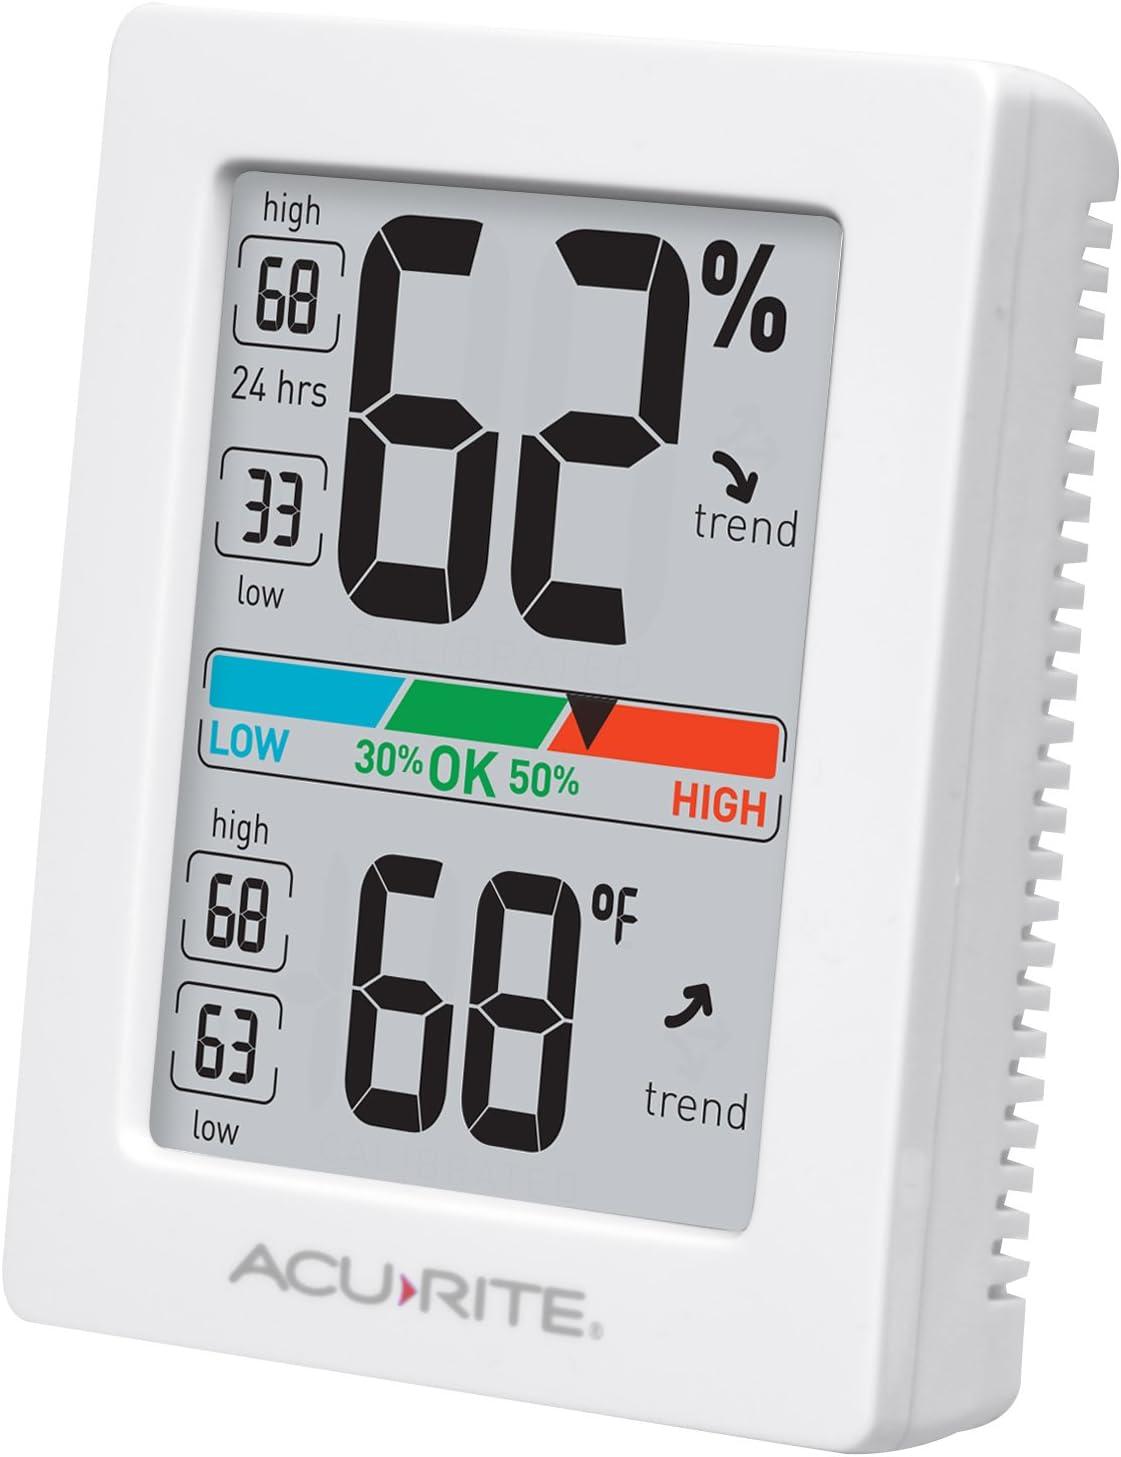 MITIR CX-318 Hygrometer Indoor Room Humudity Meter Thermometer with Alarm Clock